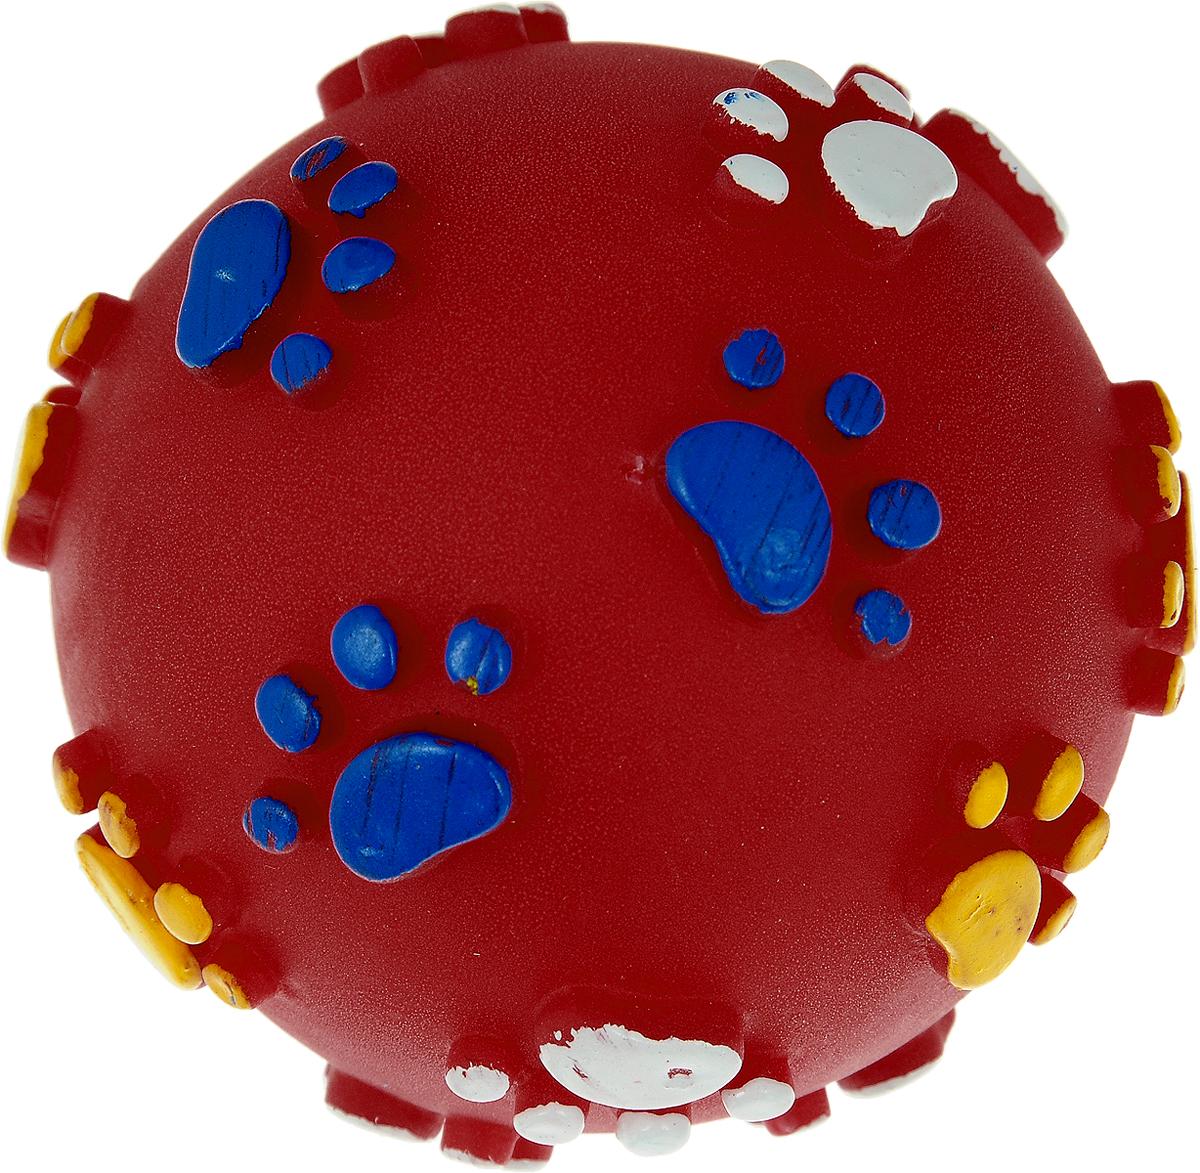 Игрушка для собак Каскад Мяч. Лапки, цвет: красный, диаметр 6 см игрушка для животных каскад мяч мина резиновый цвет красный 10 см